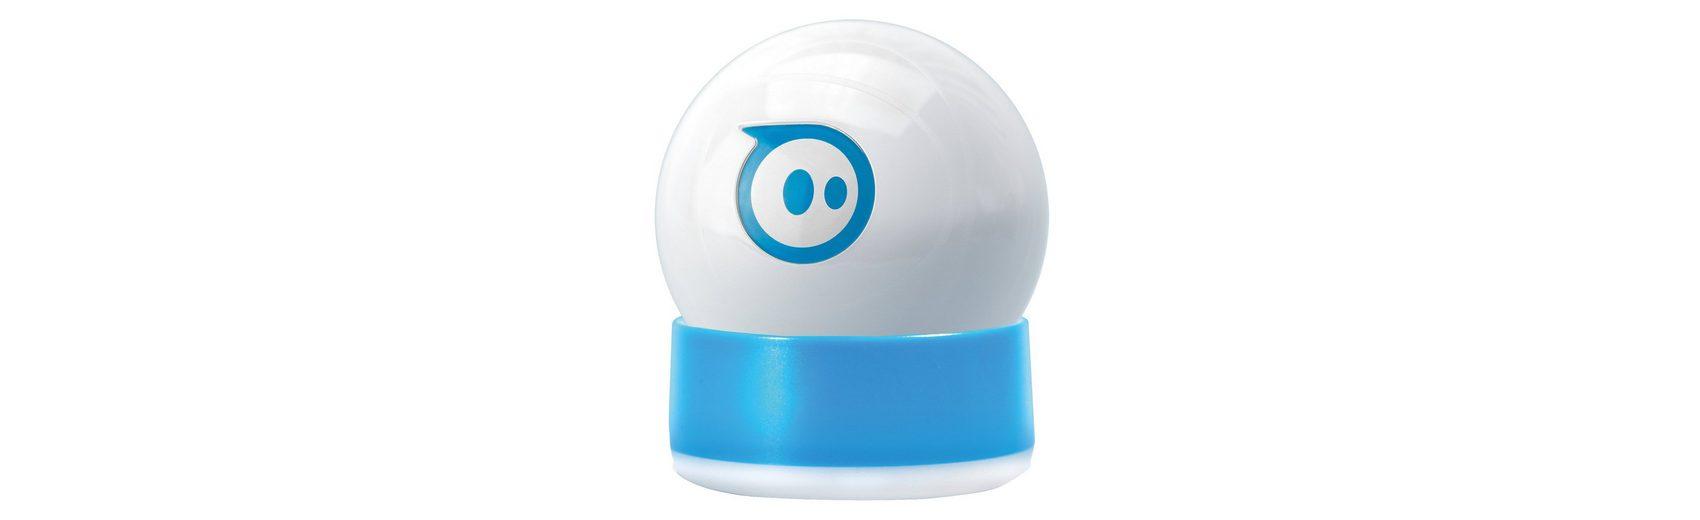 Elliot Sphero 2.0 - The Ball